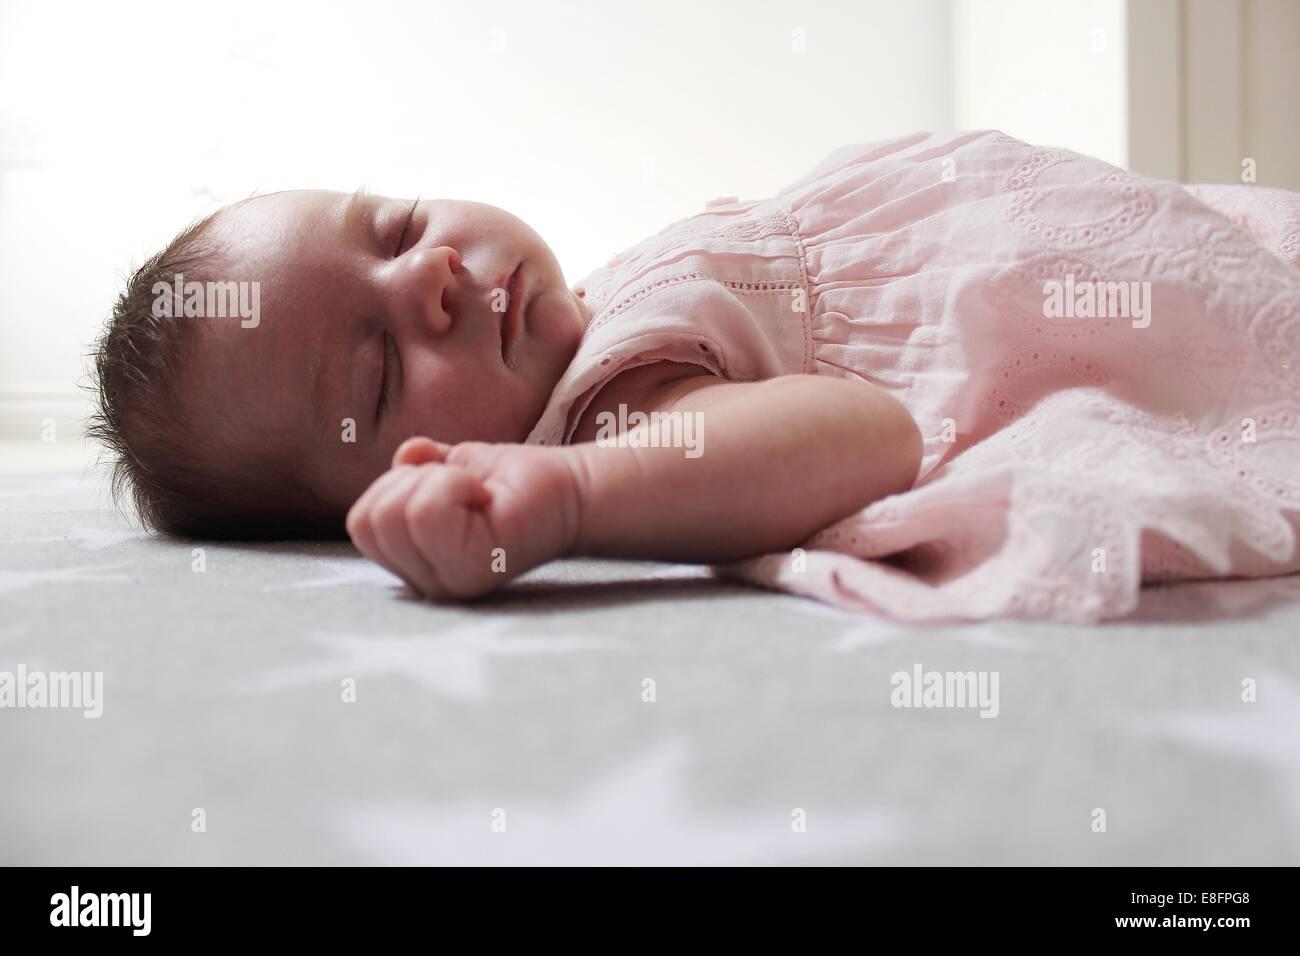 Baby girl lying on blanket sleeping - Stock Image